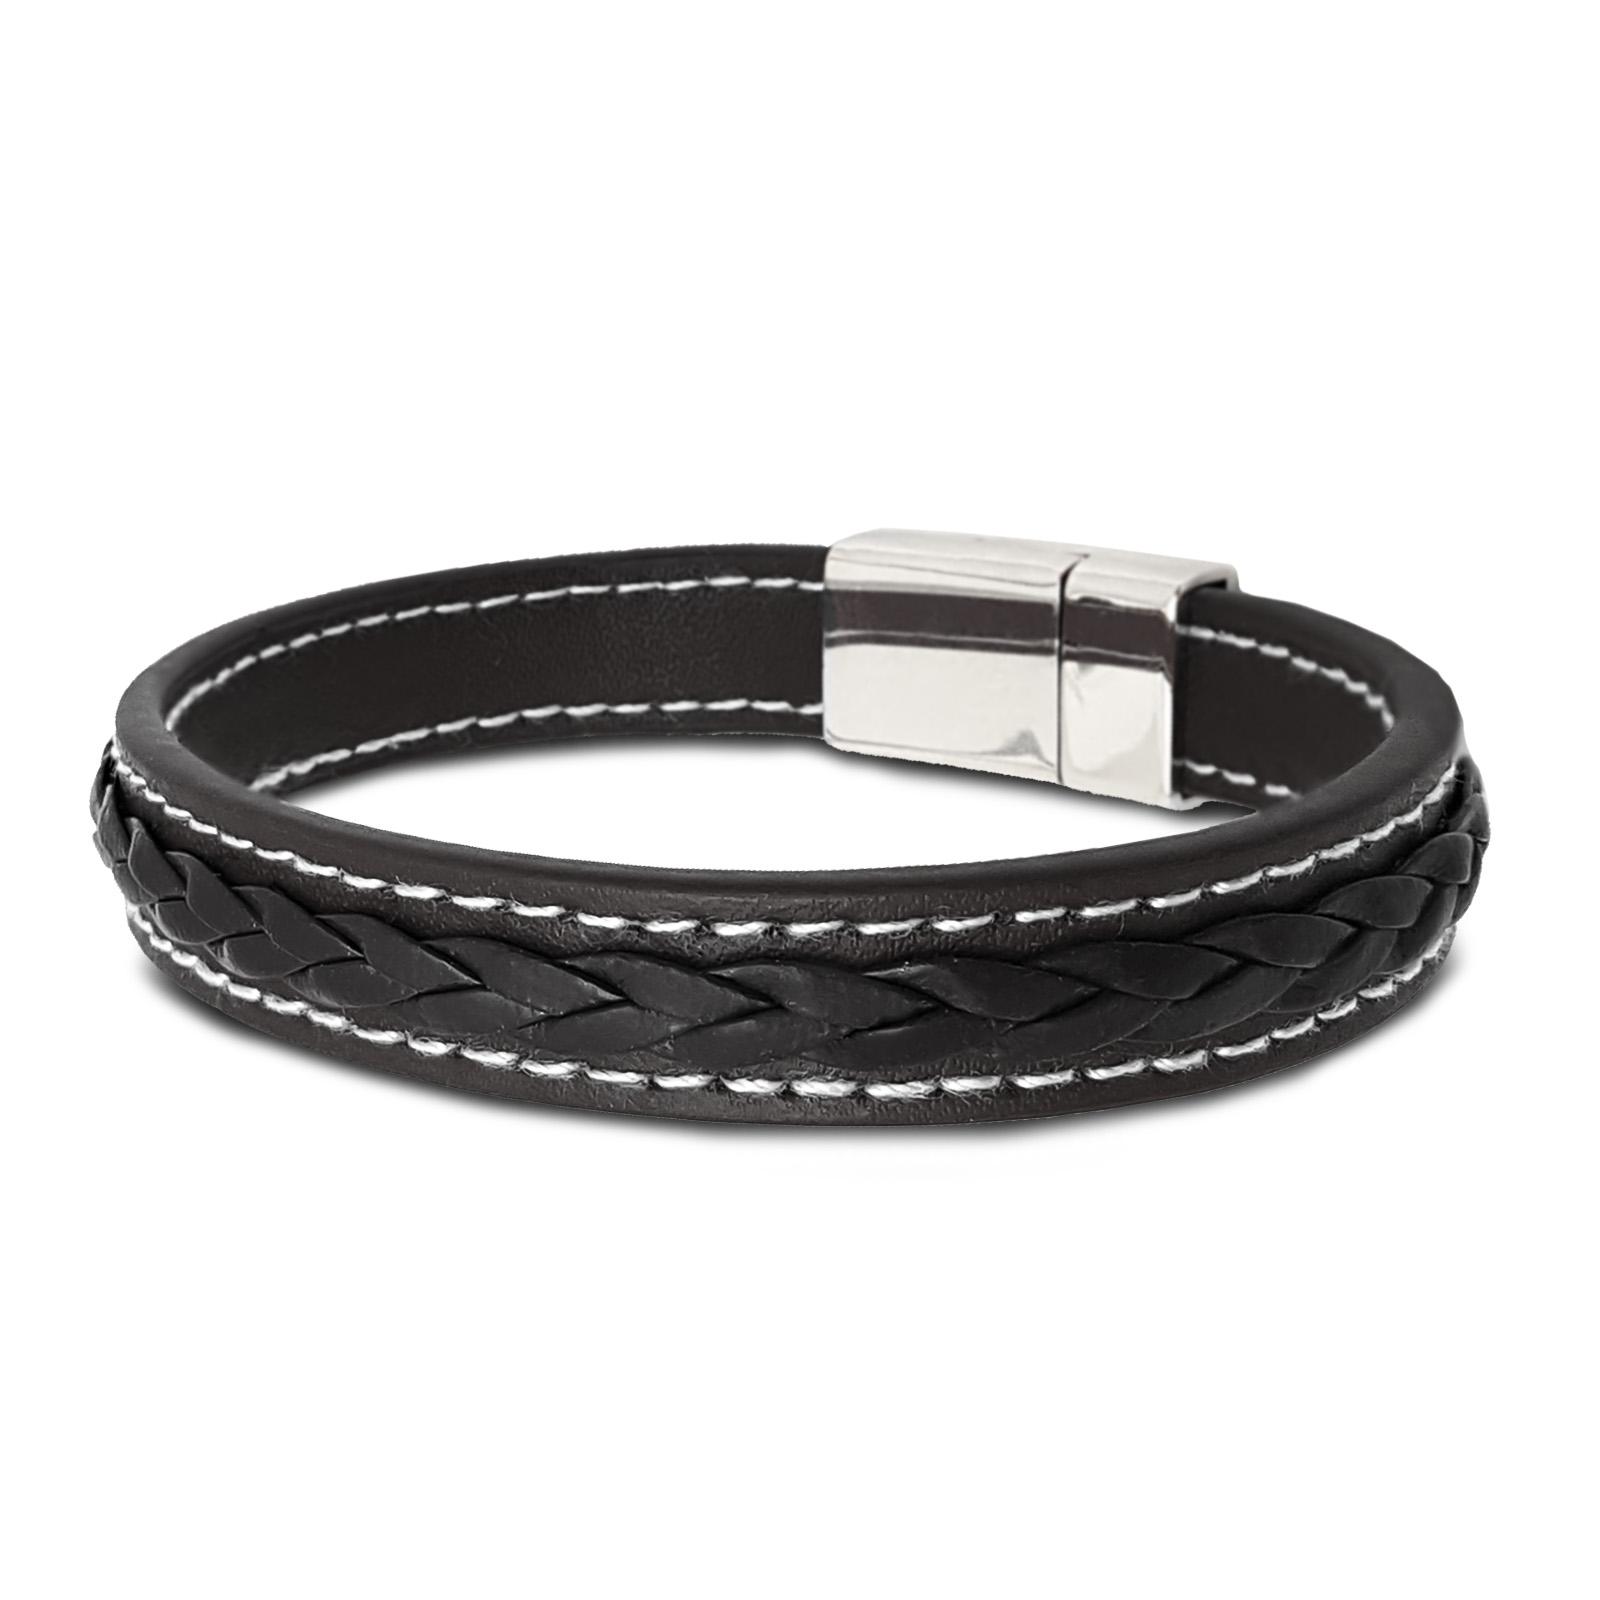 ROYALZ Herren Armband 2 Set mit Magnet Verschluss in Lederoptik Handgelenk Band für Männer 2 x Accessoire mit geflochten Elemente Metalschnalle 2 Paar